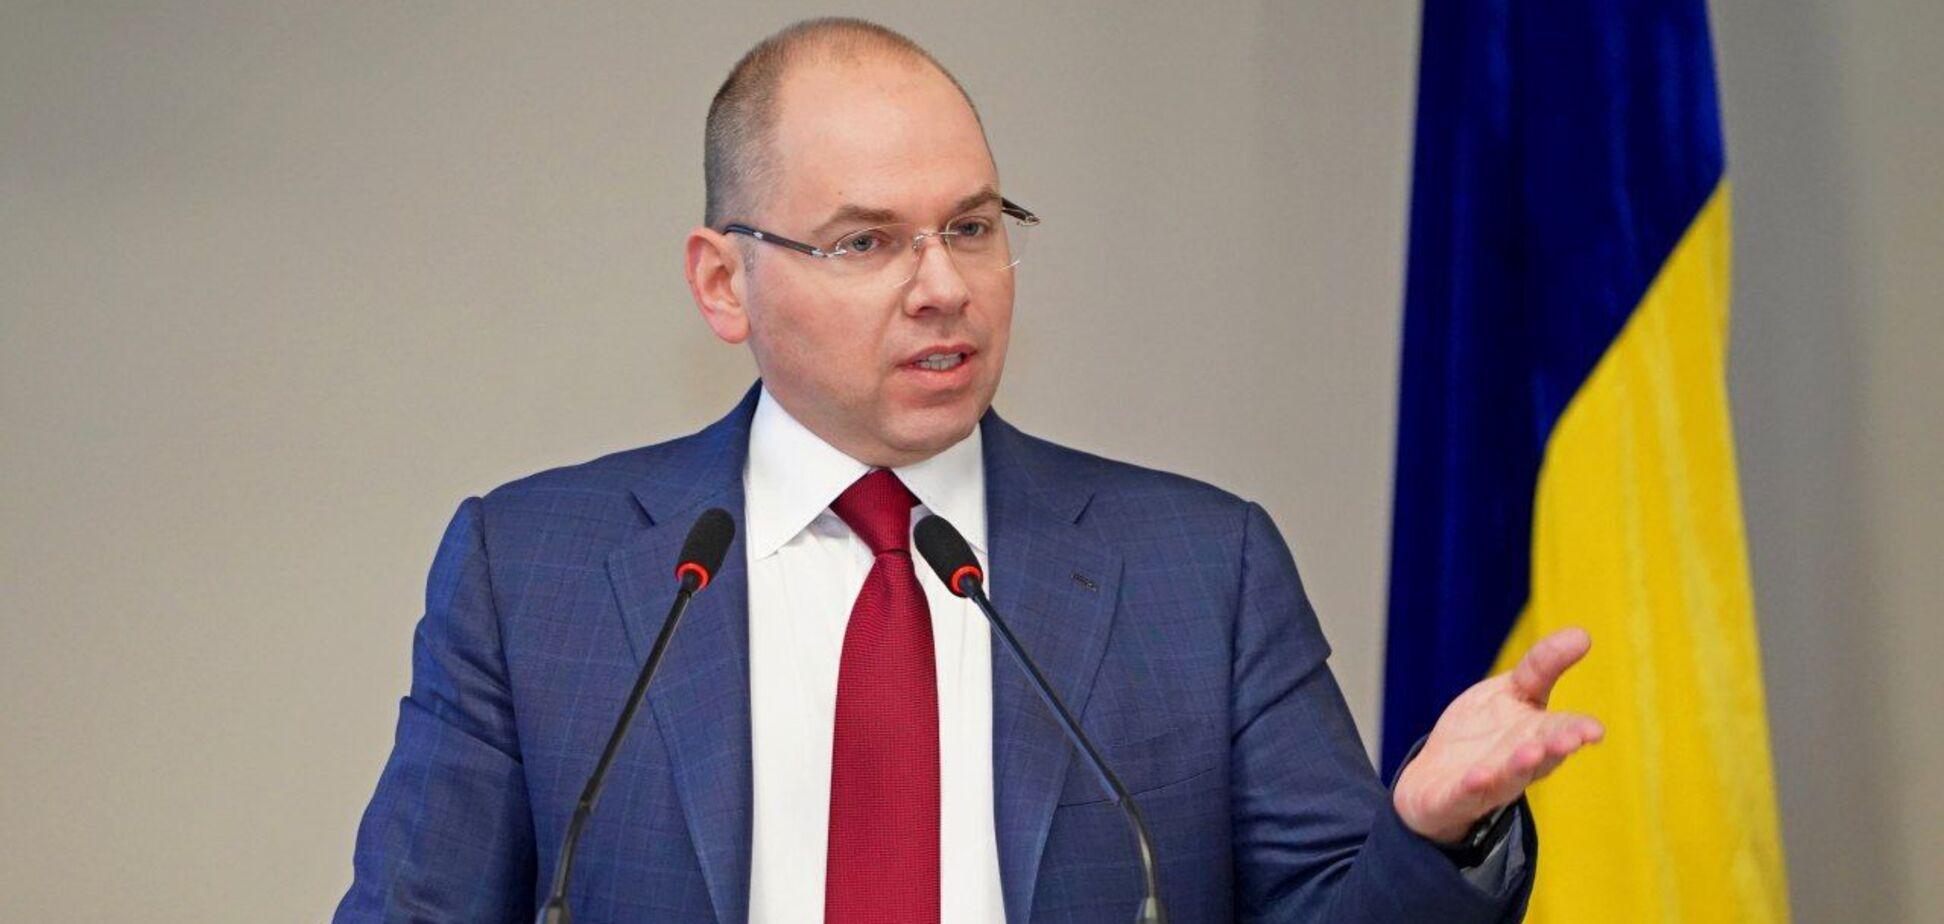 Максим Степанов выступил перед Верховной Радой